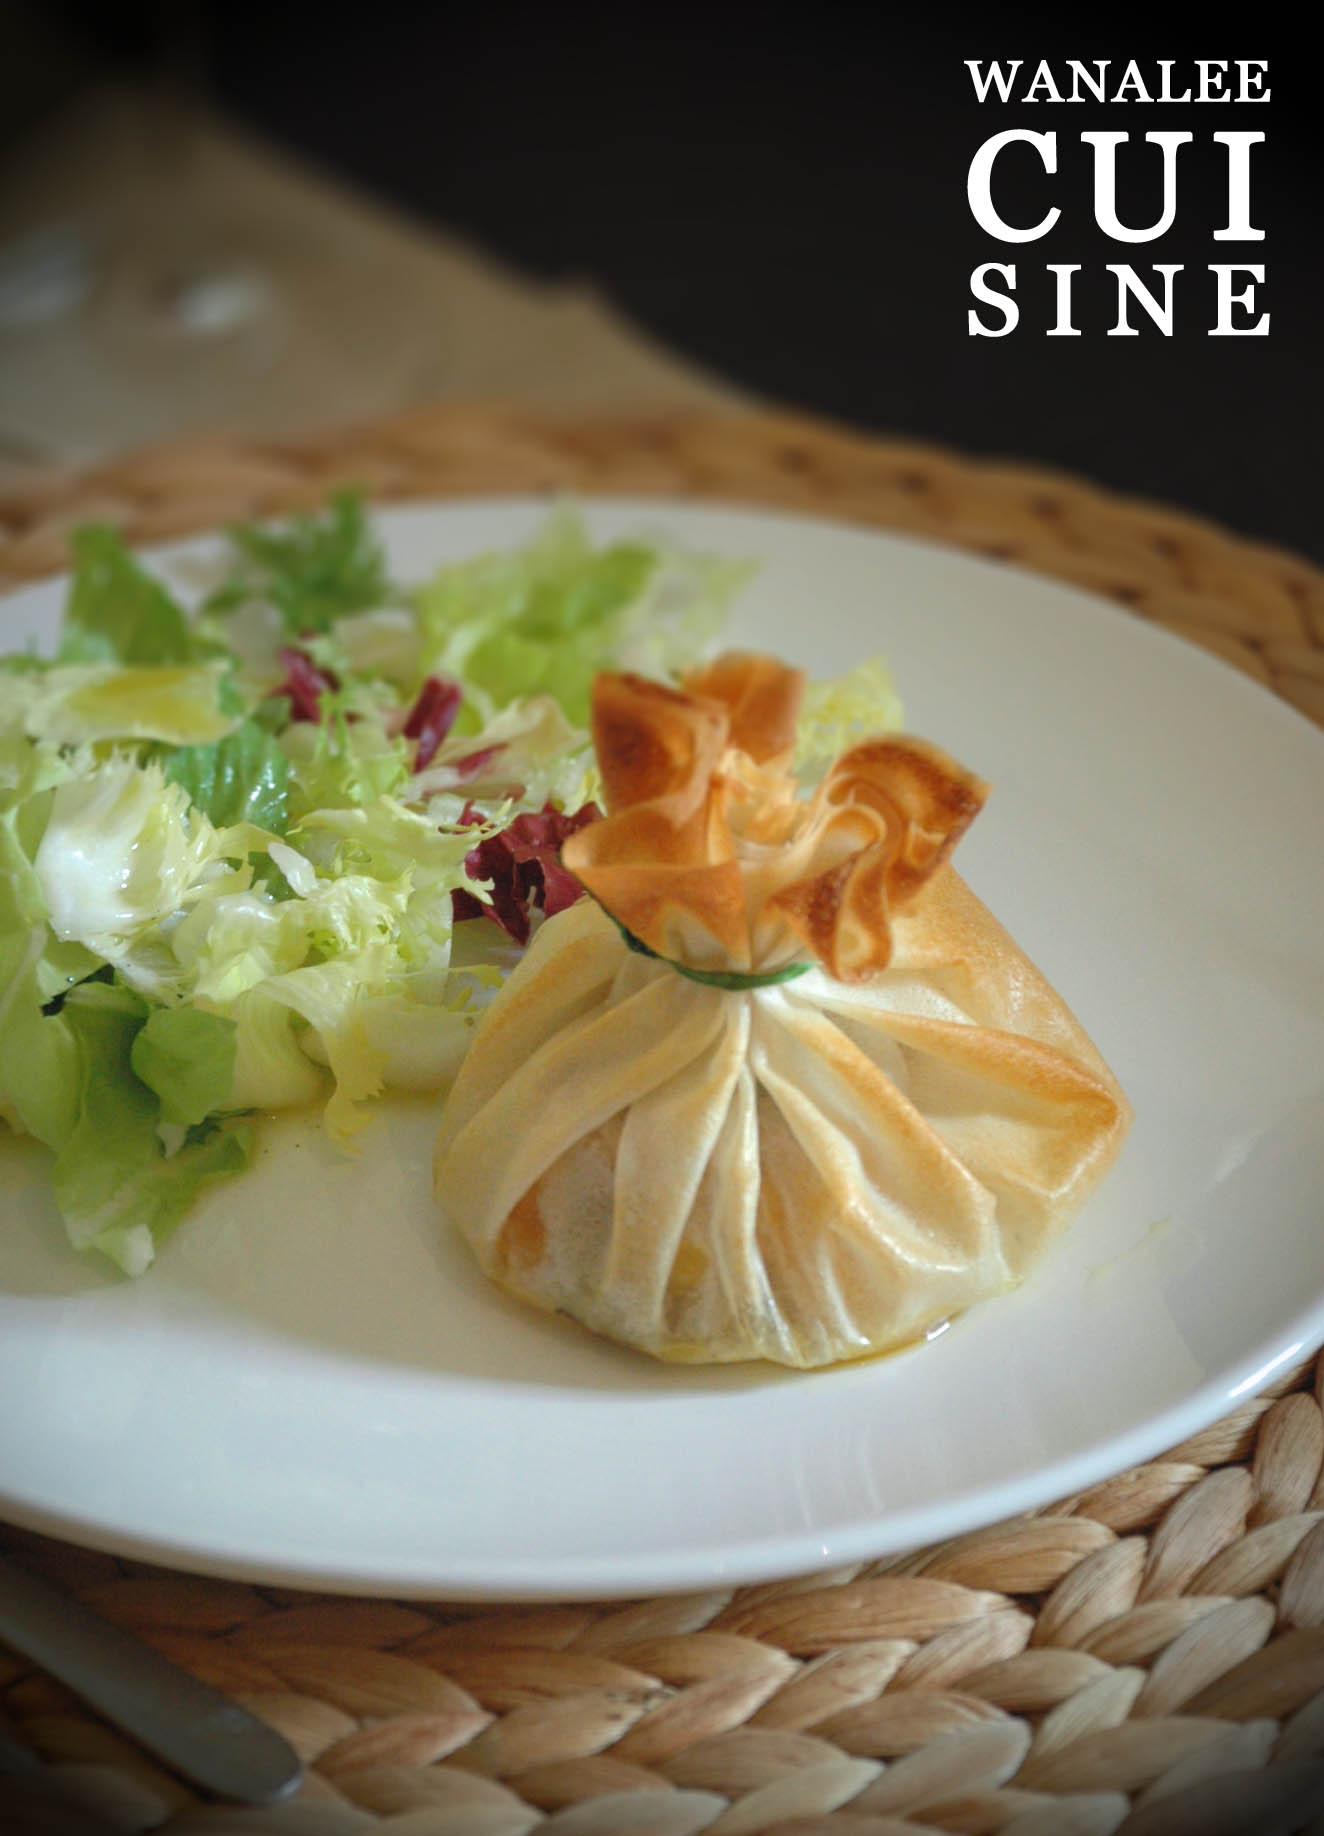 Entr e foie gras orginale wanalee cuisine for Entree avec du foie gras froid